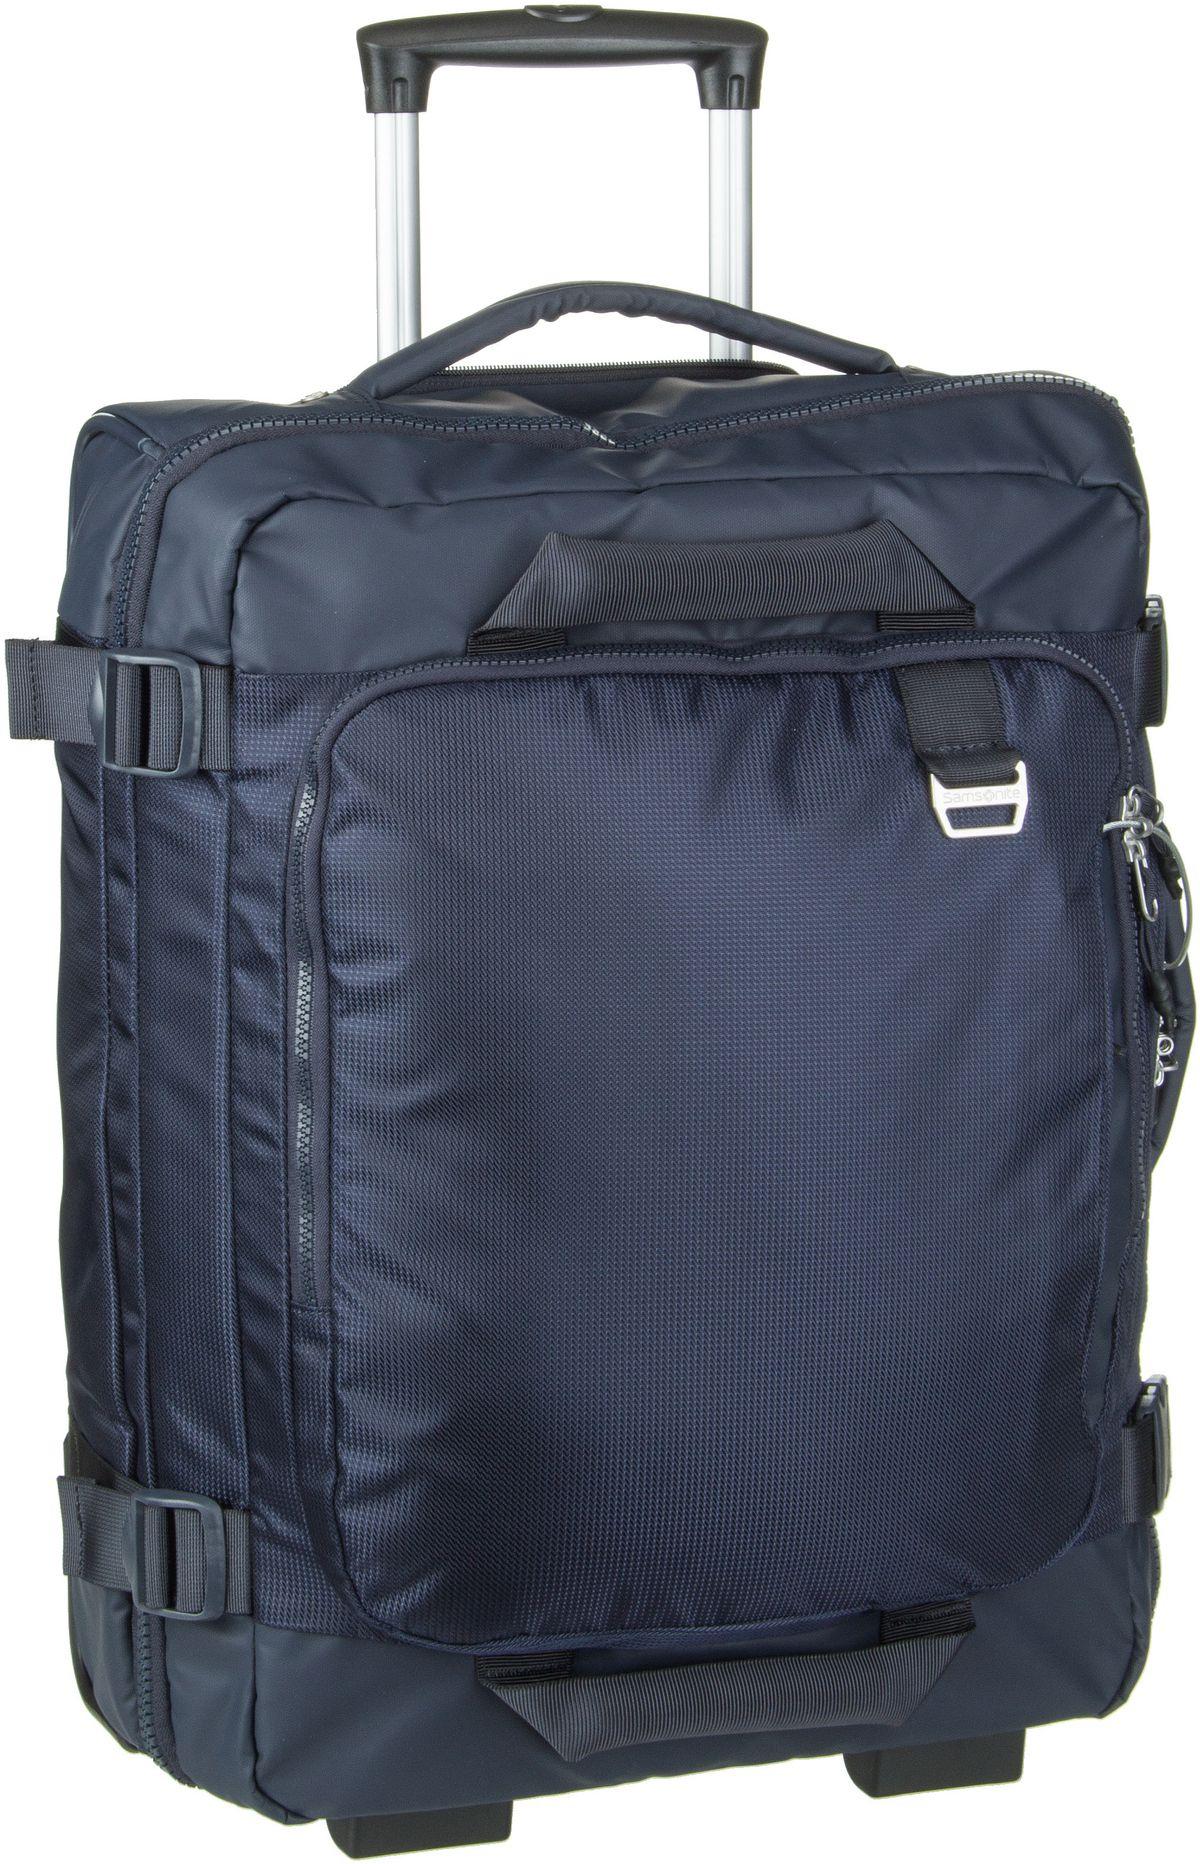 Rucksack-Trolley Midtown Duffle/Wh 55 Backpack Dark Blue (43 Liter)